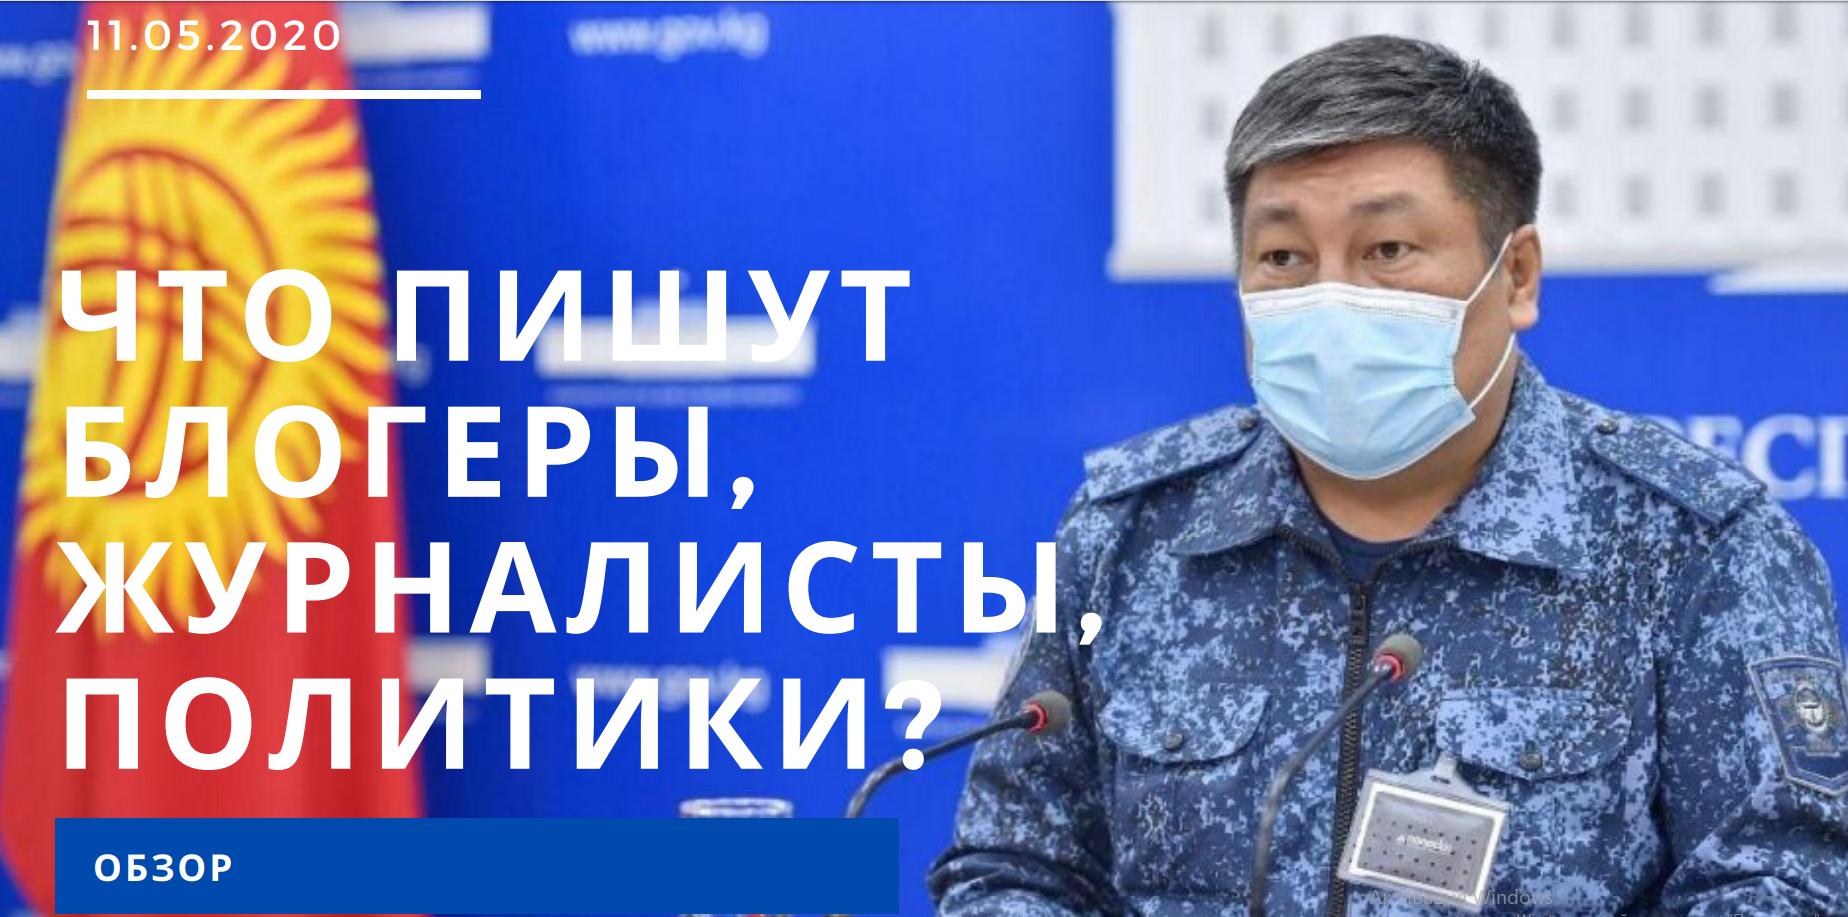 Кош комендант! Интернет колдонуучулары Бишкек комендантына эмне деп алкыш айтышты — жыйнак